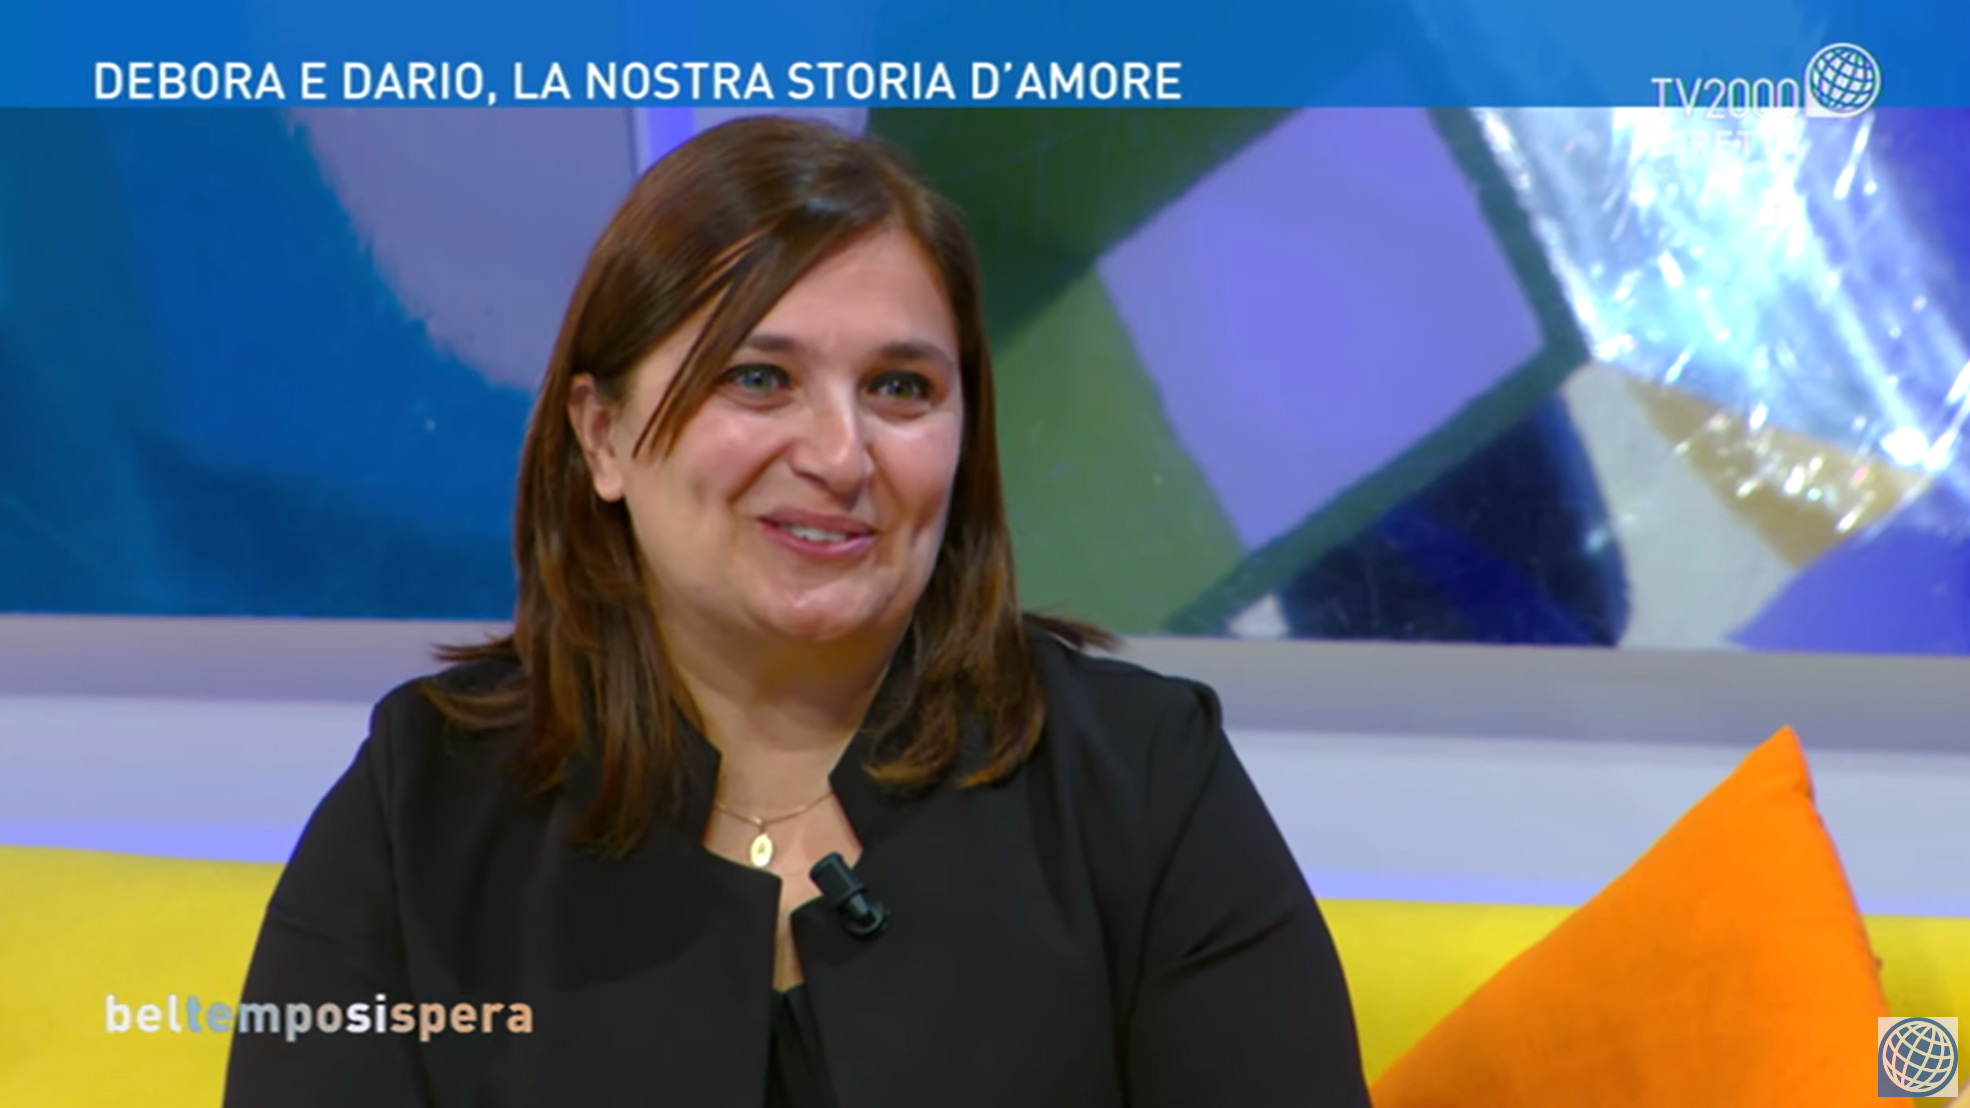 La Presidente dell'Ass. Insieme a Te, Debora Donati, ospite di Bel tempo si spera su TV 2000 [Video]